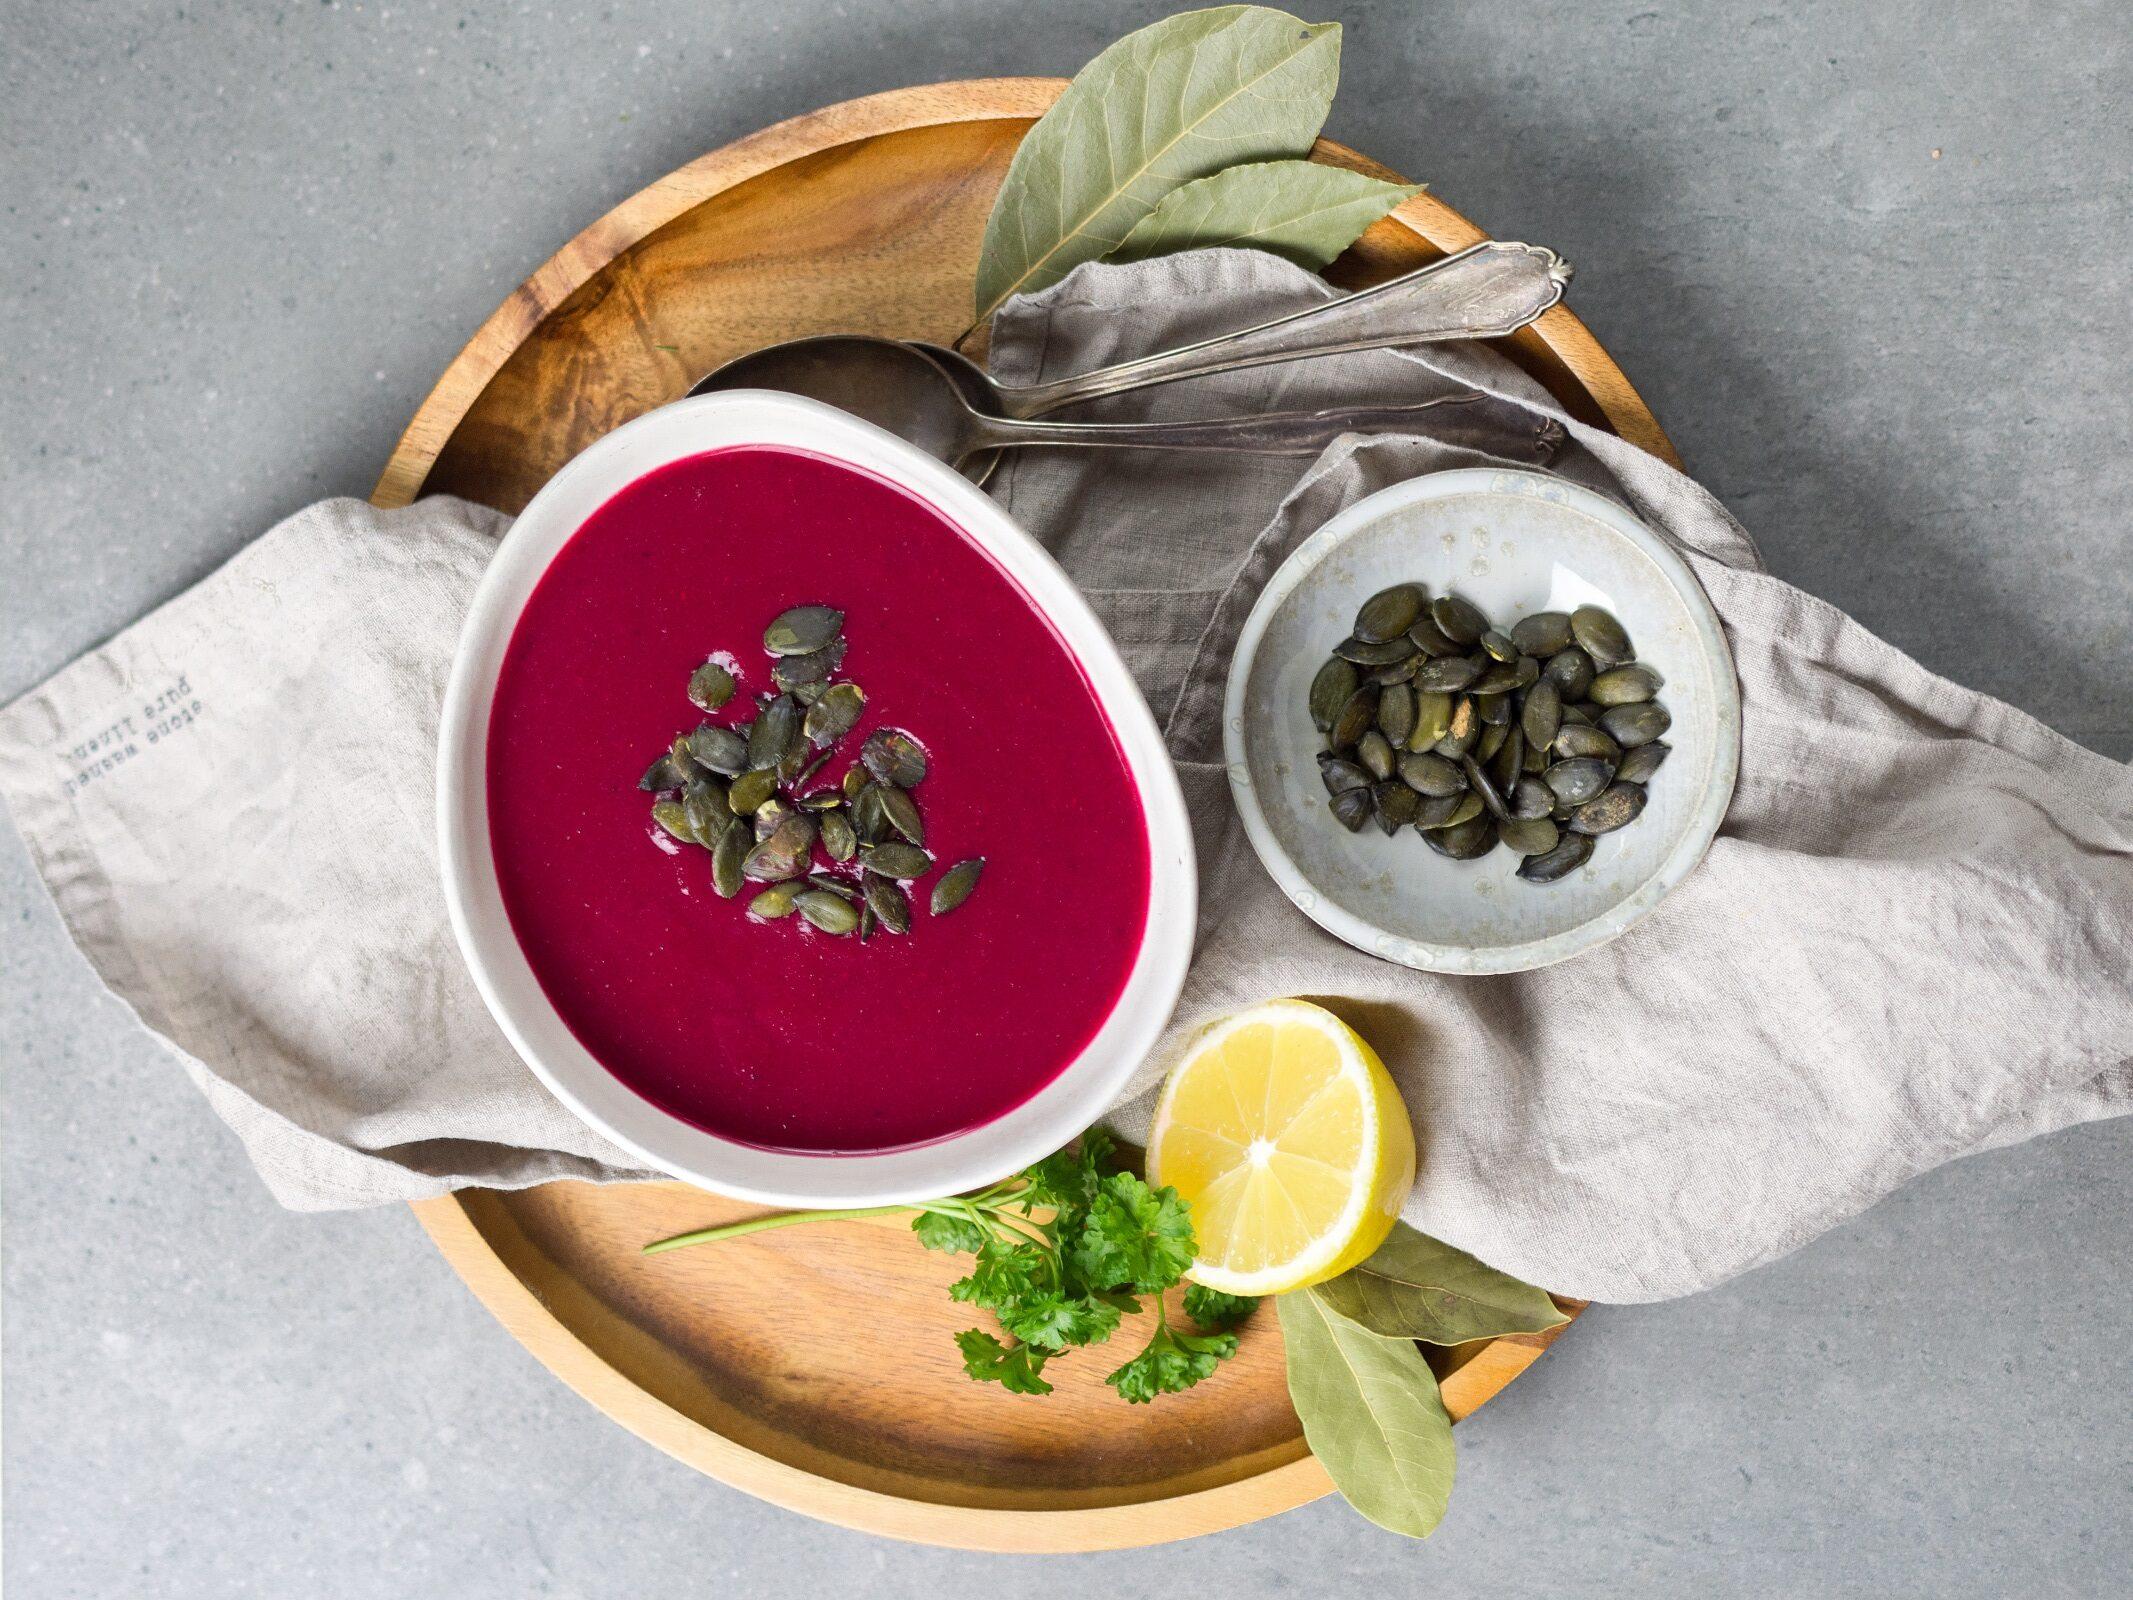 Dieta w anemii – jak uzupełnić niedobory żelaza? Darmowa dieta 2000 kcal.